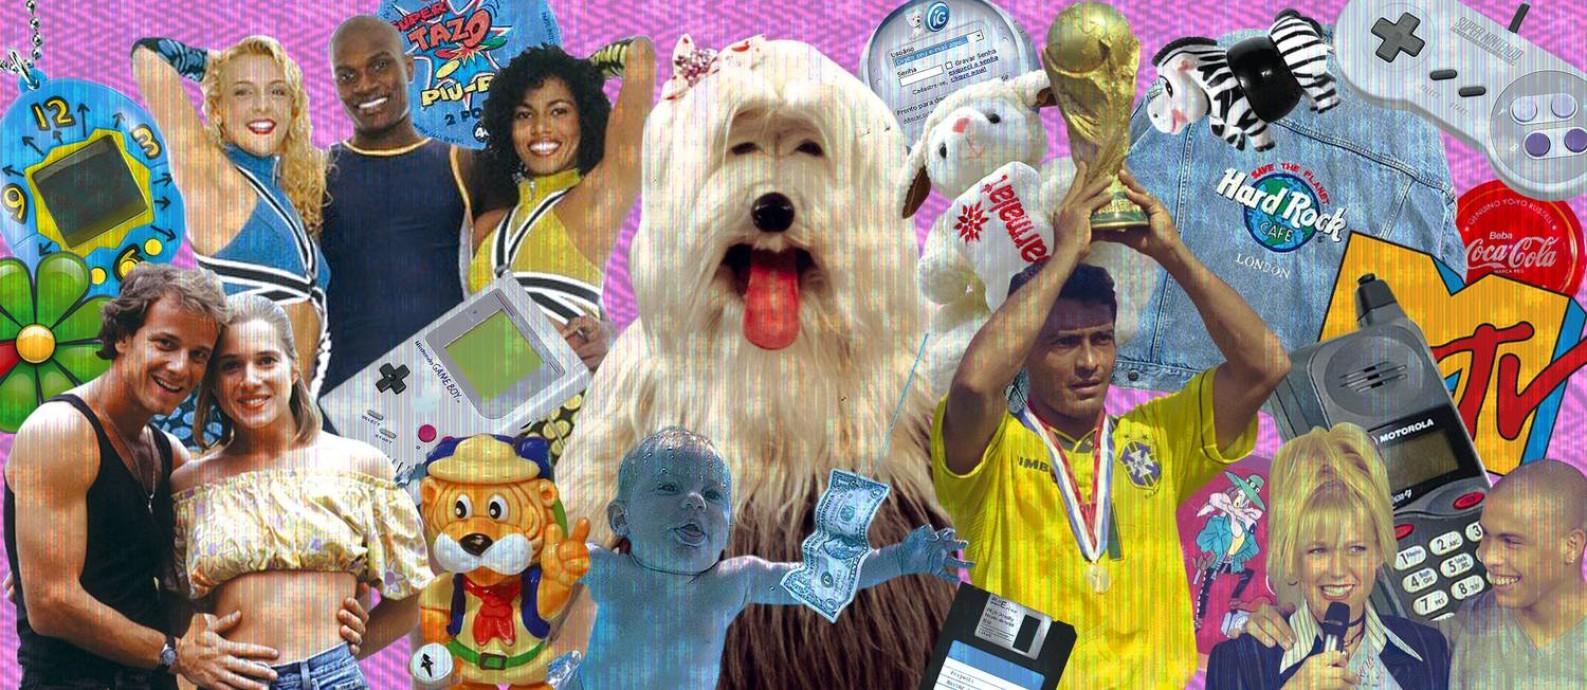 Ícones que marcaram a década de 1990 no Brasil Foto: Arte O Globo